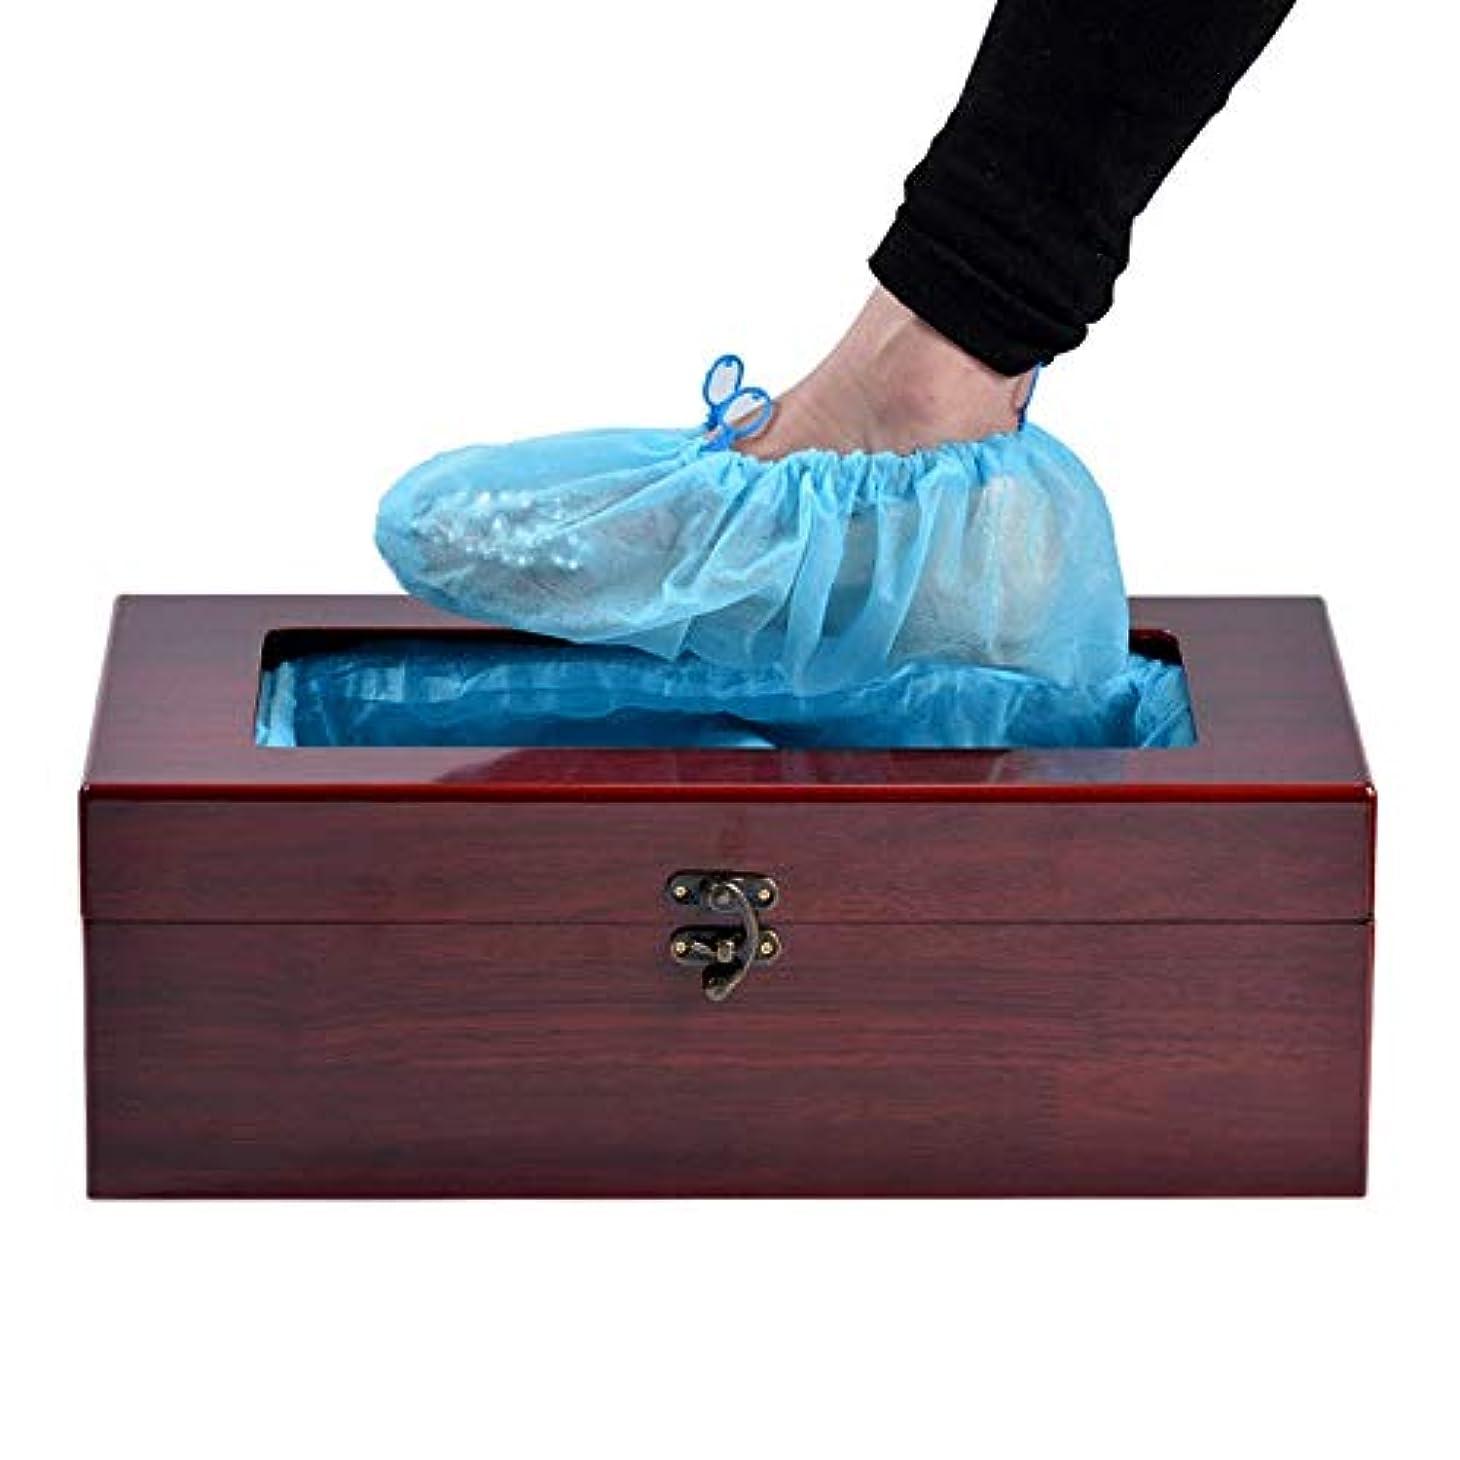 代理店時間とともにイベント新しい靴カバーマシン新しいホーム自動インテリジェントオフィス靴マシン使い捨て靴カバーマシンフットカバーマシンフィルムマシン